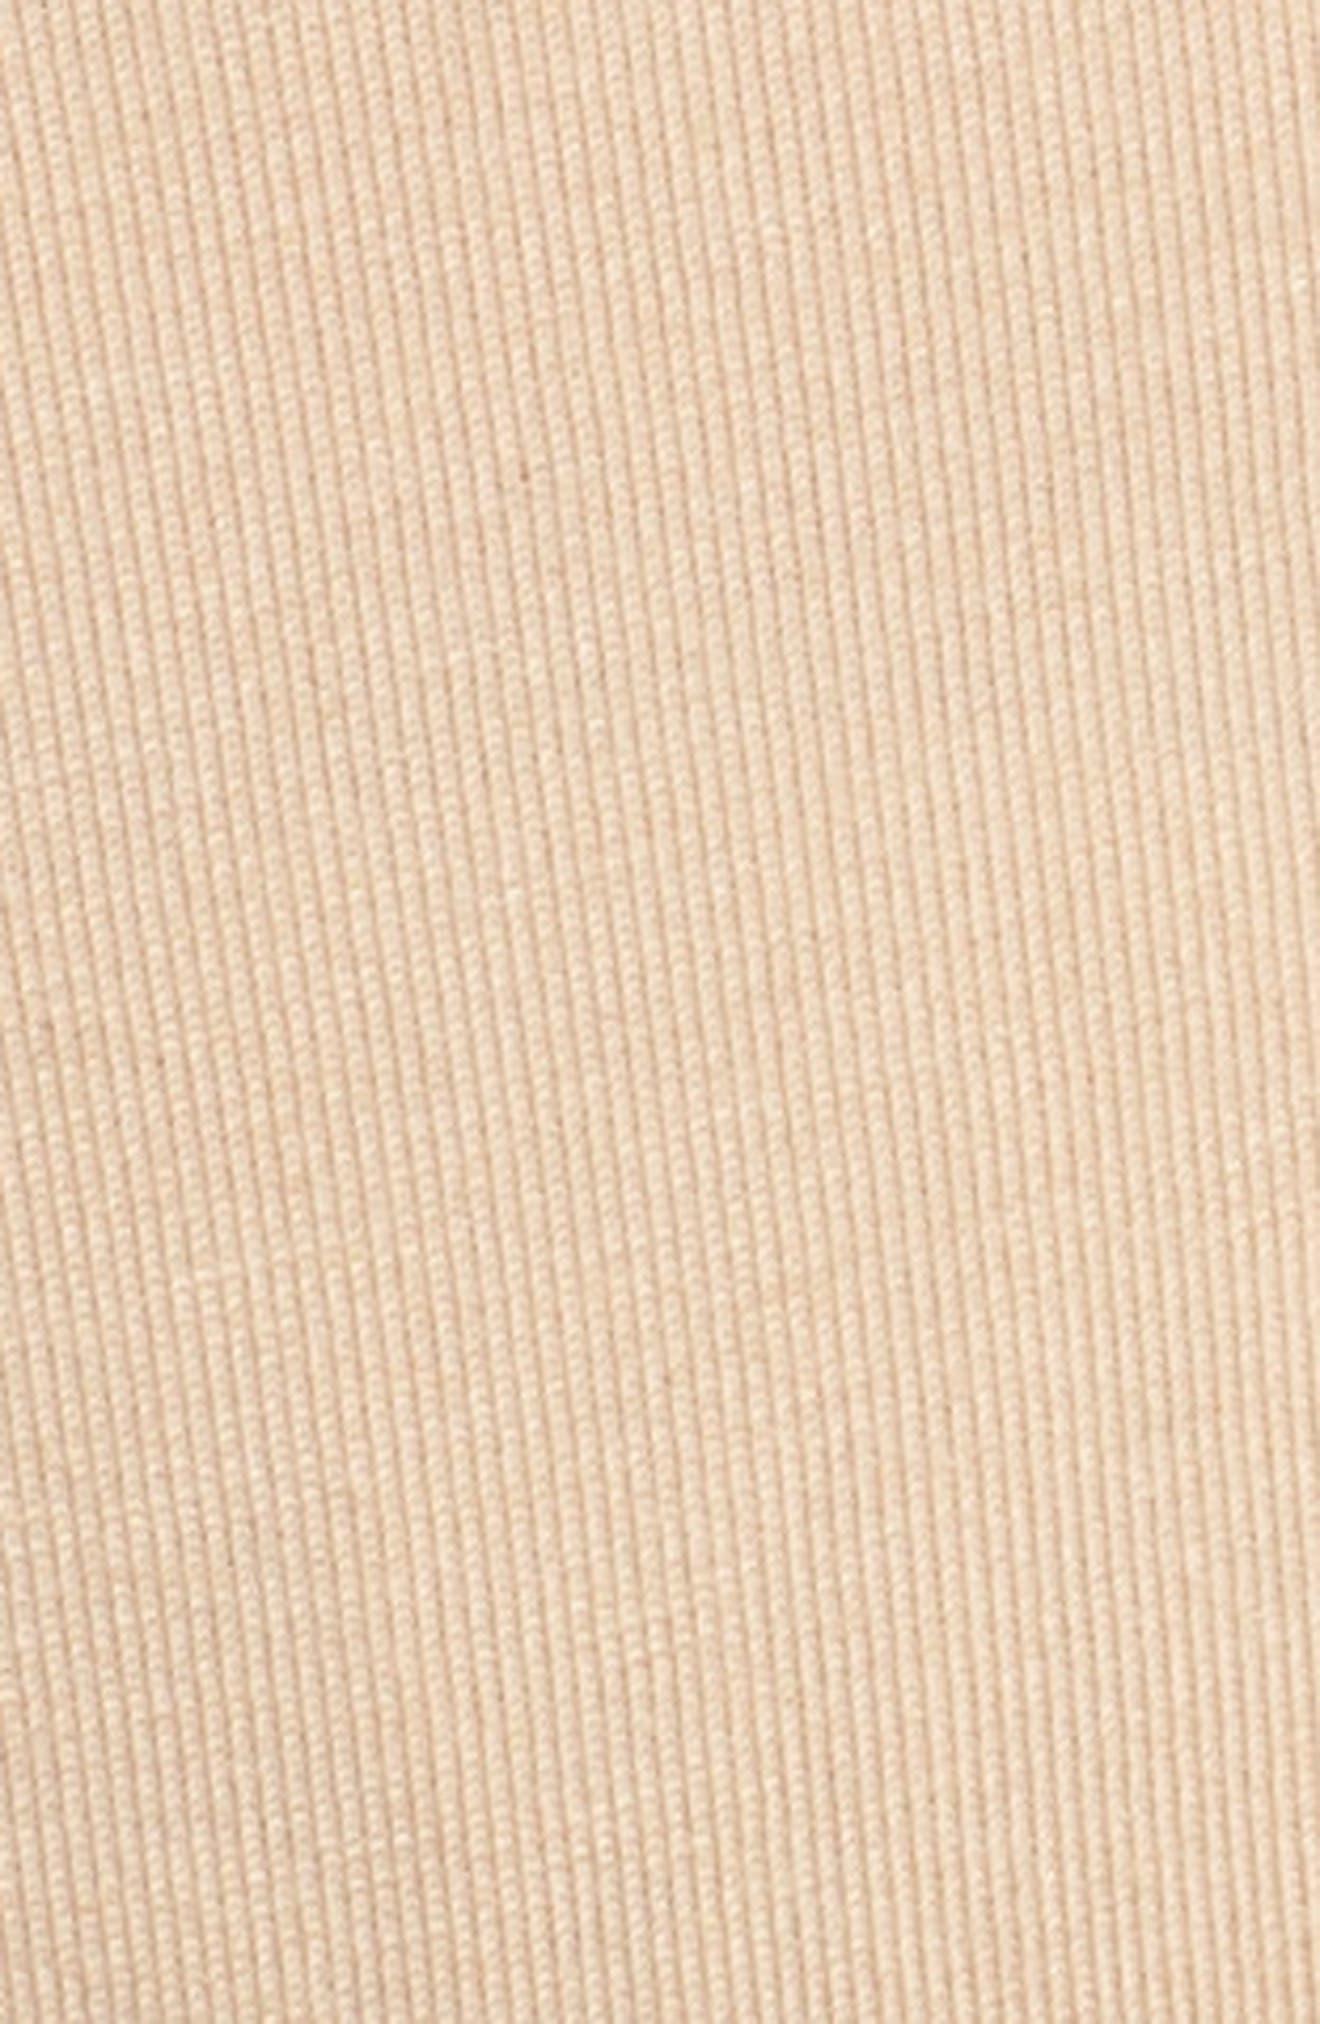 Stripe Bikini,                             Alternate thumbnail 8, color,                             Tawny Sand